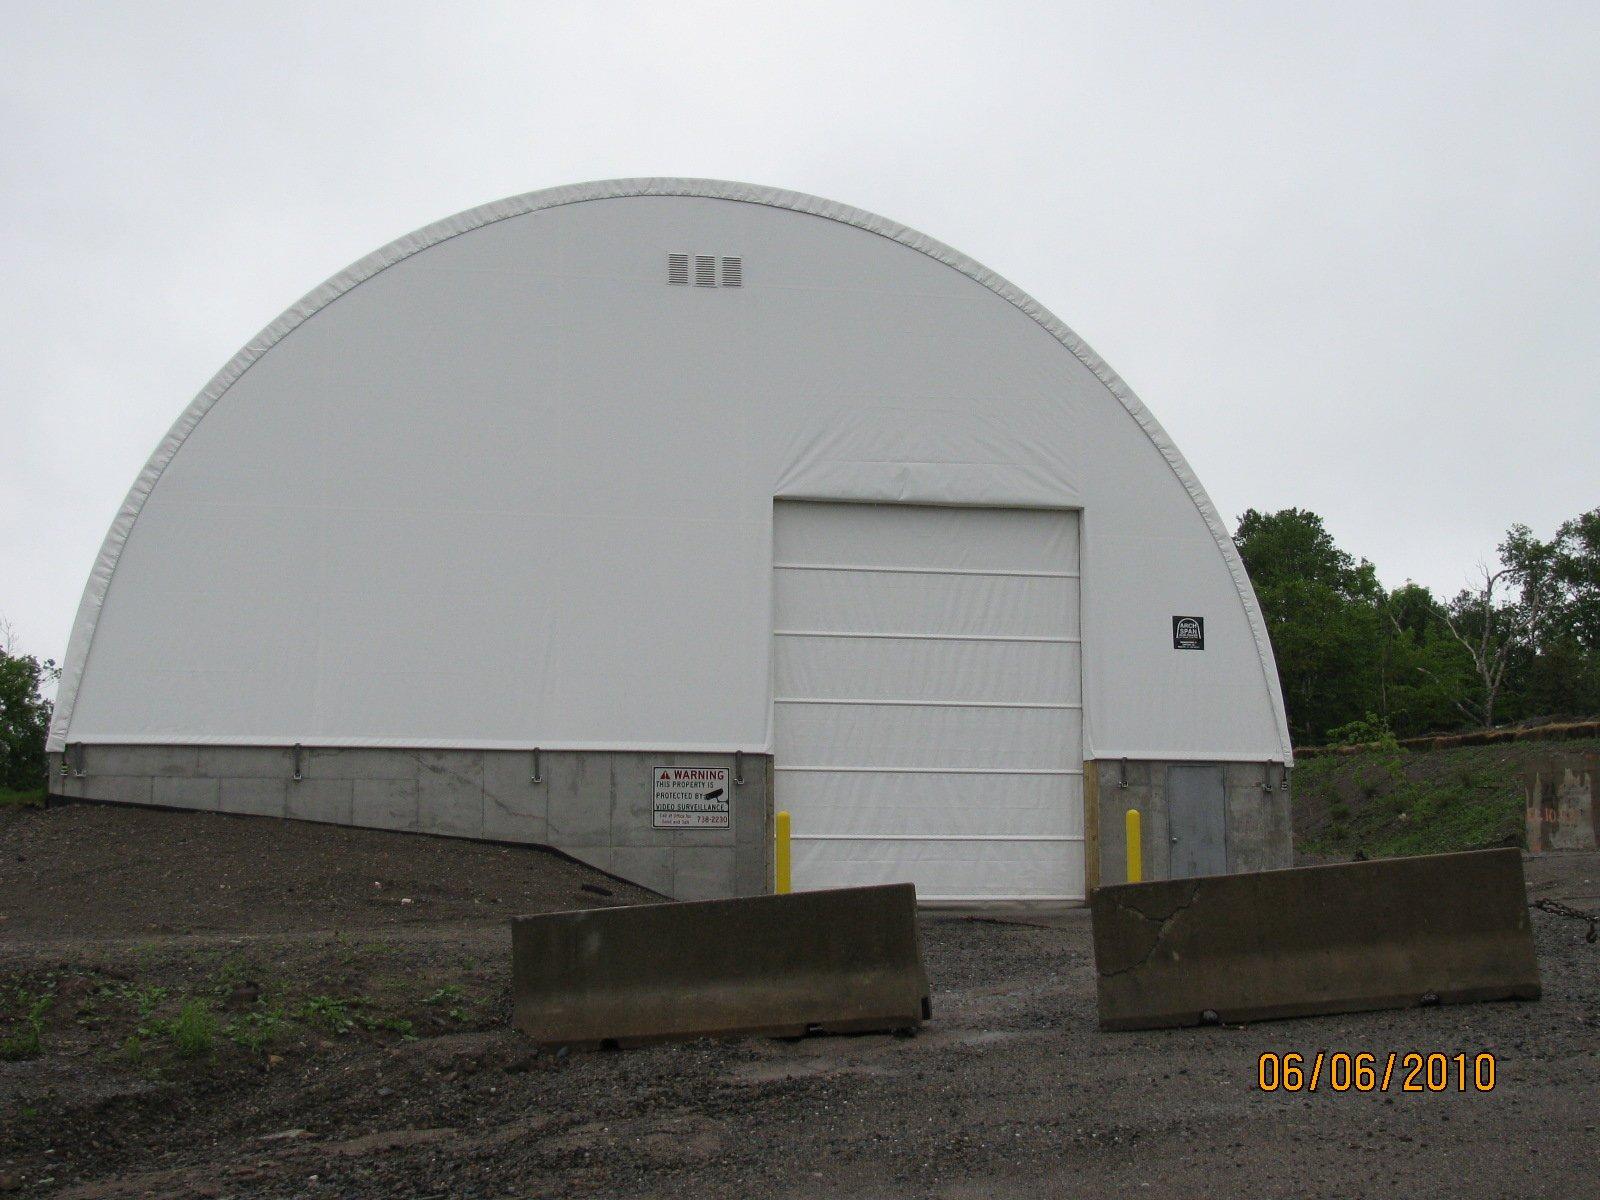 DOME BUILDINGS fabric buildings 60' x 200' fertilizer storage building